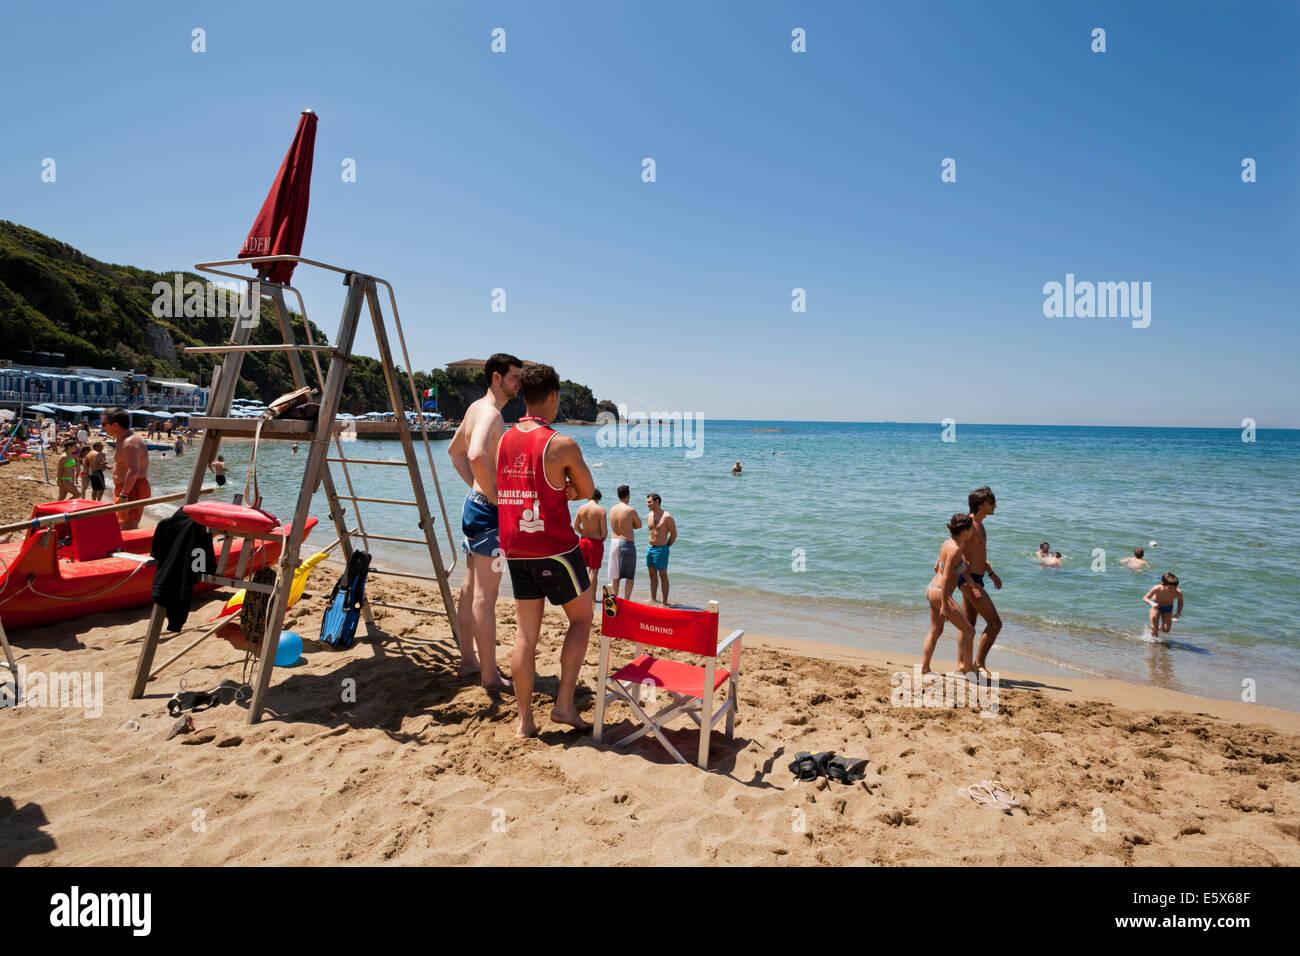 Lifeguard at bagni italia in castiglioncello tuscany stock photo